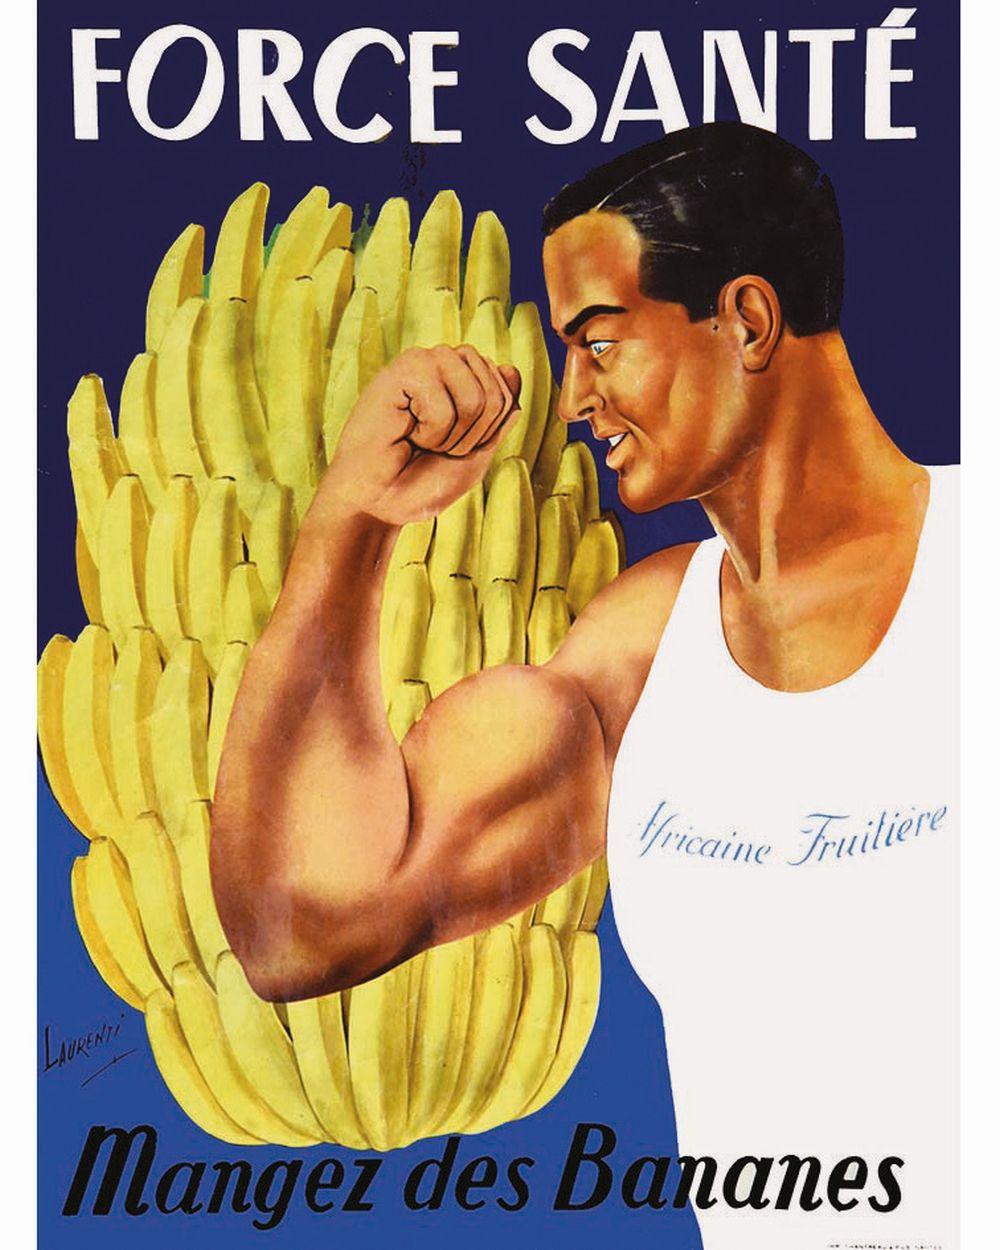 LAURENTI - Mangez des bananes - Africaine Fruitière - Force Santé     vers 1950